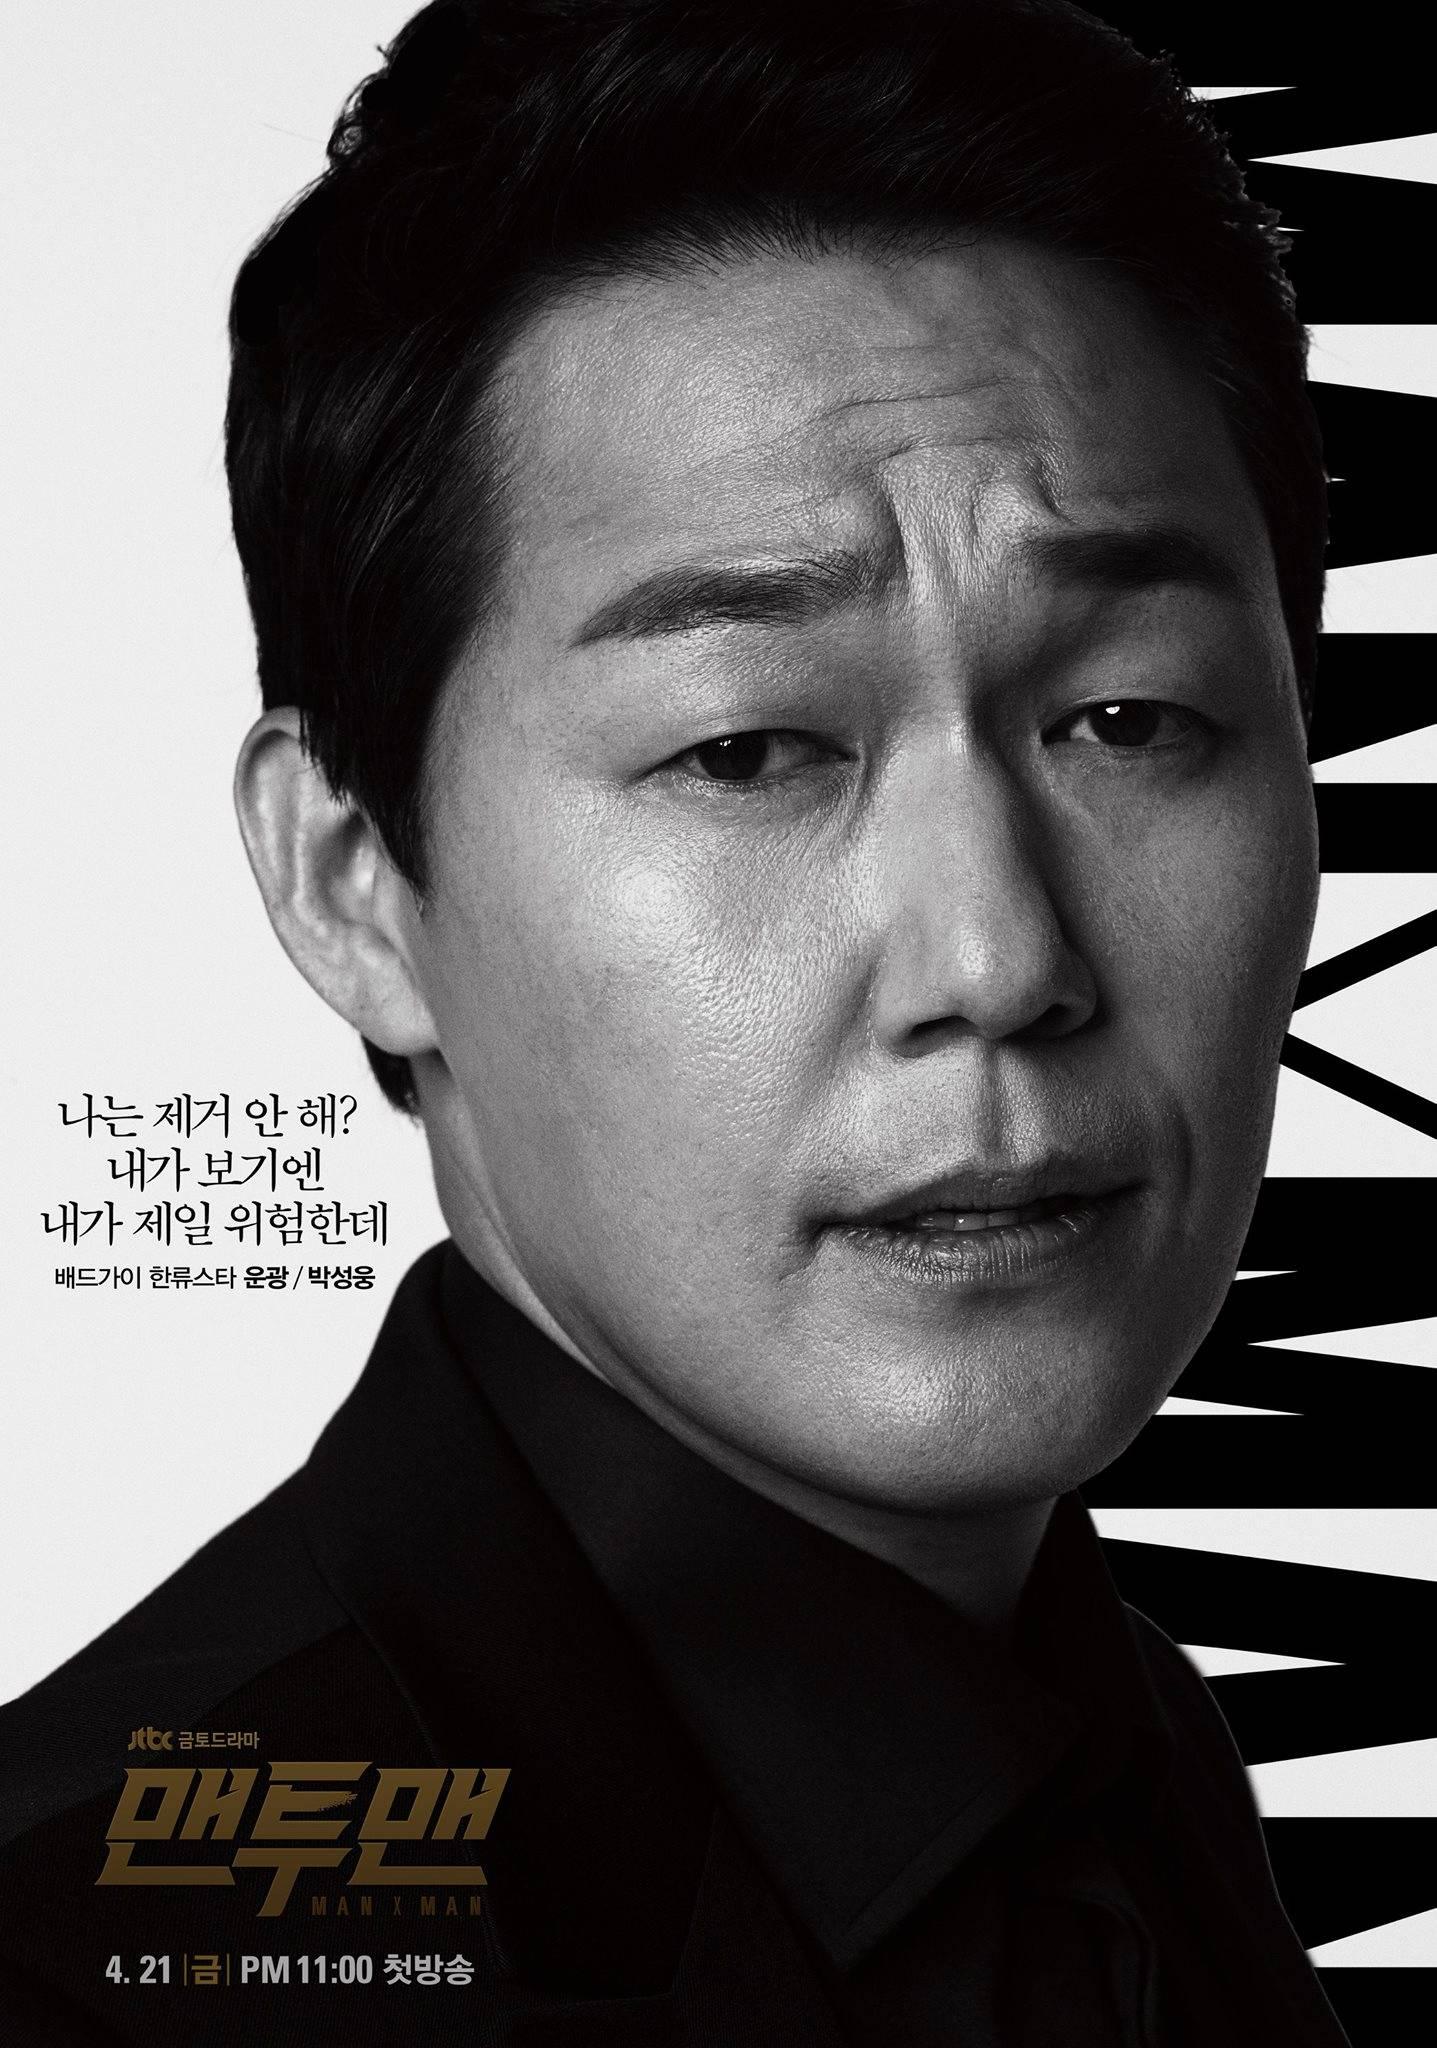 Man To Man Korean Drama